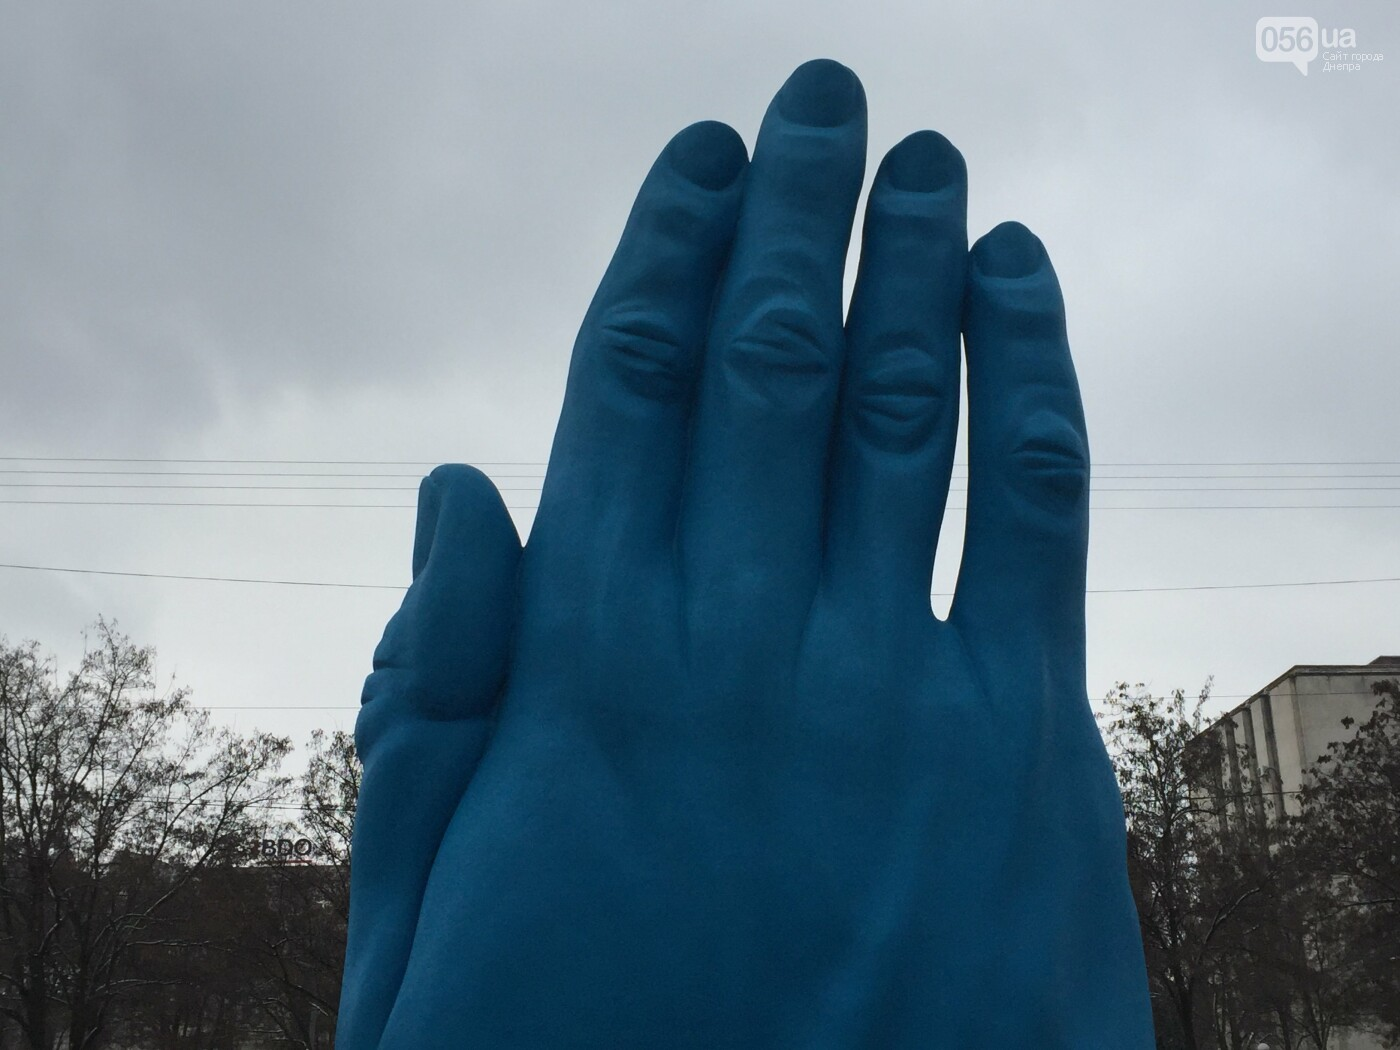 В центре Днепра появилась гигантская синяя рука: что значит этот арт-объект, - ФОТО, ВИДЕО, фото-9